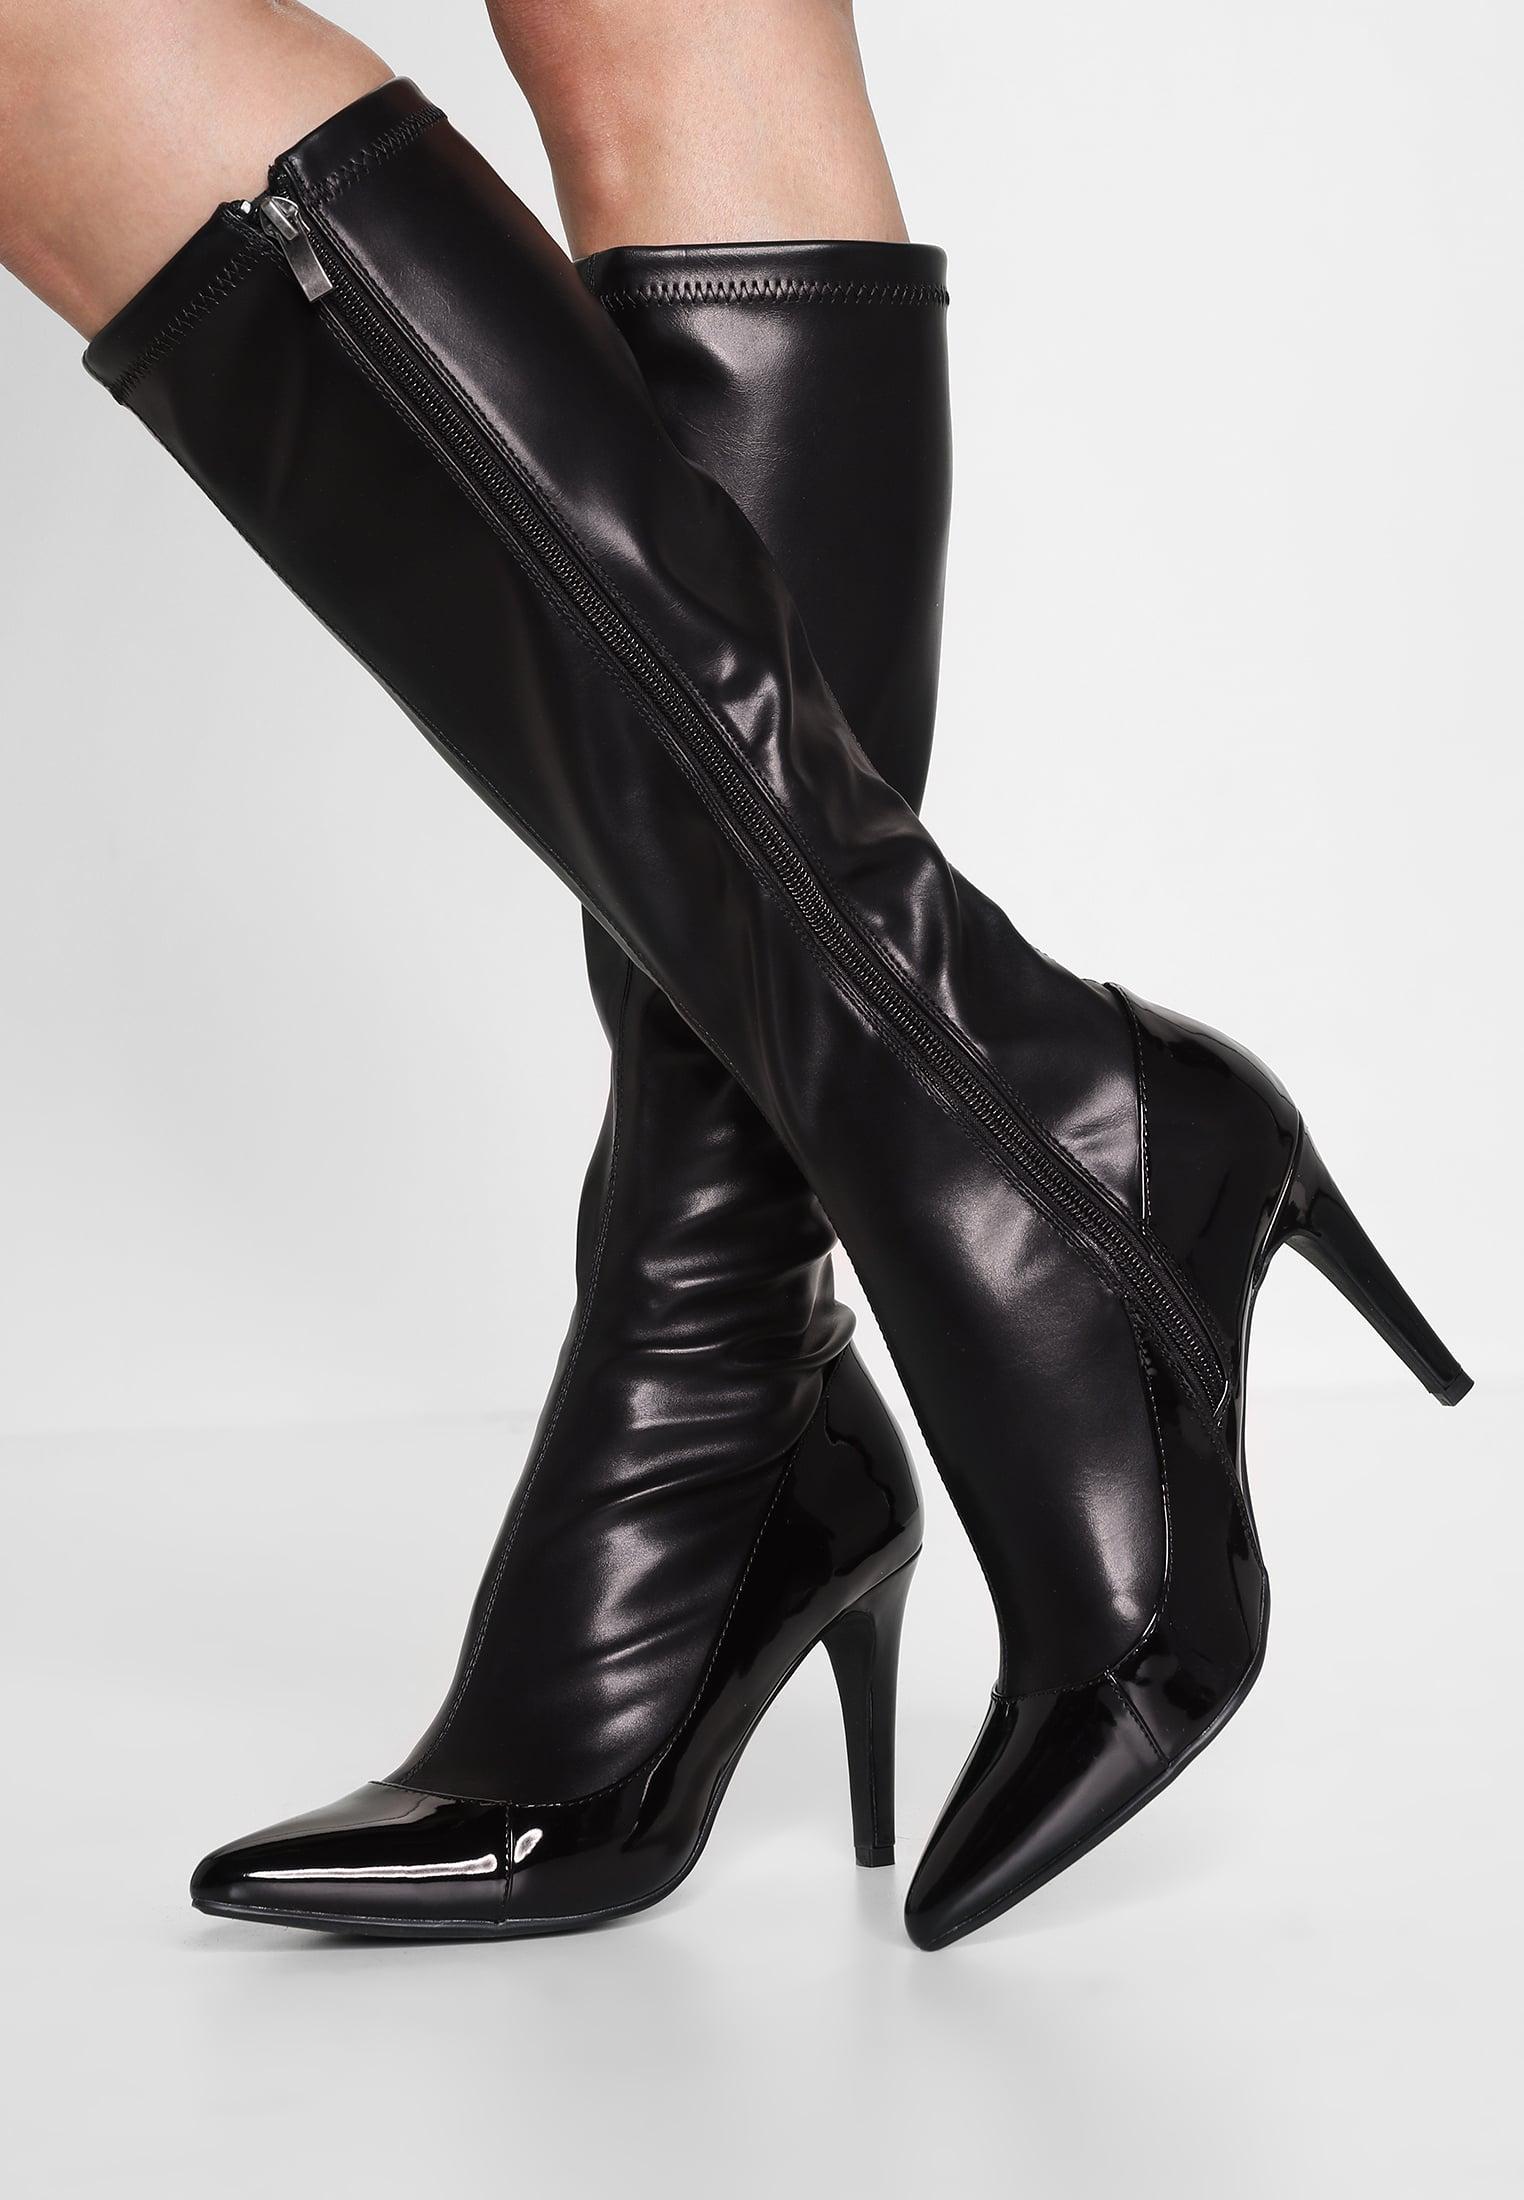 Quelle forme de bottes pour ma silhouette?